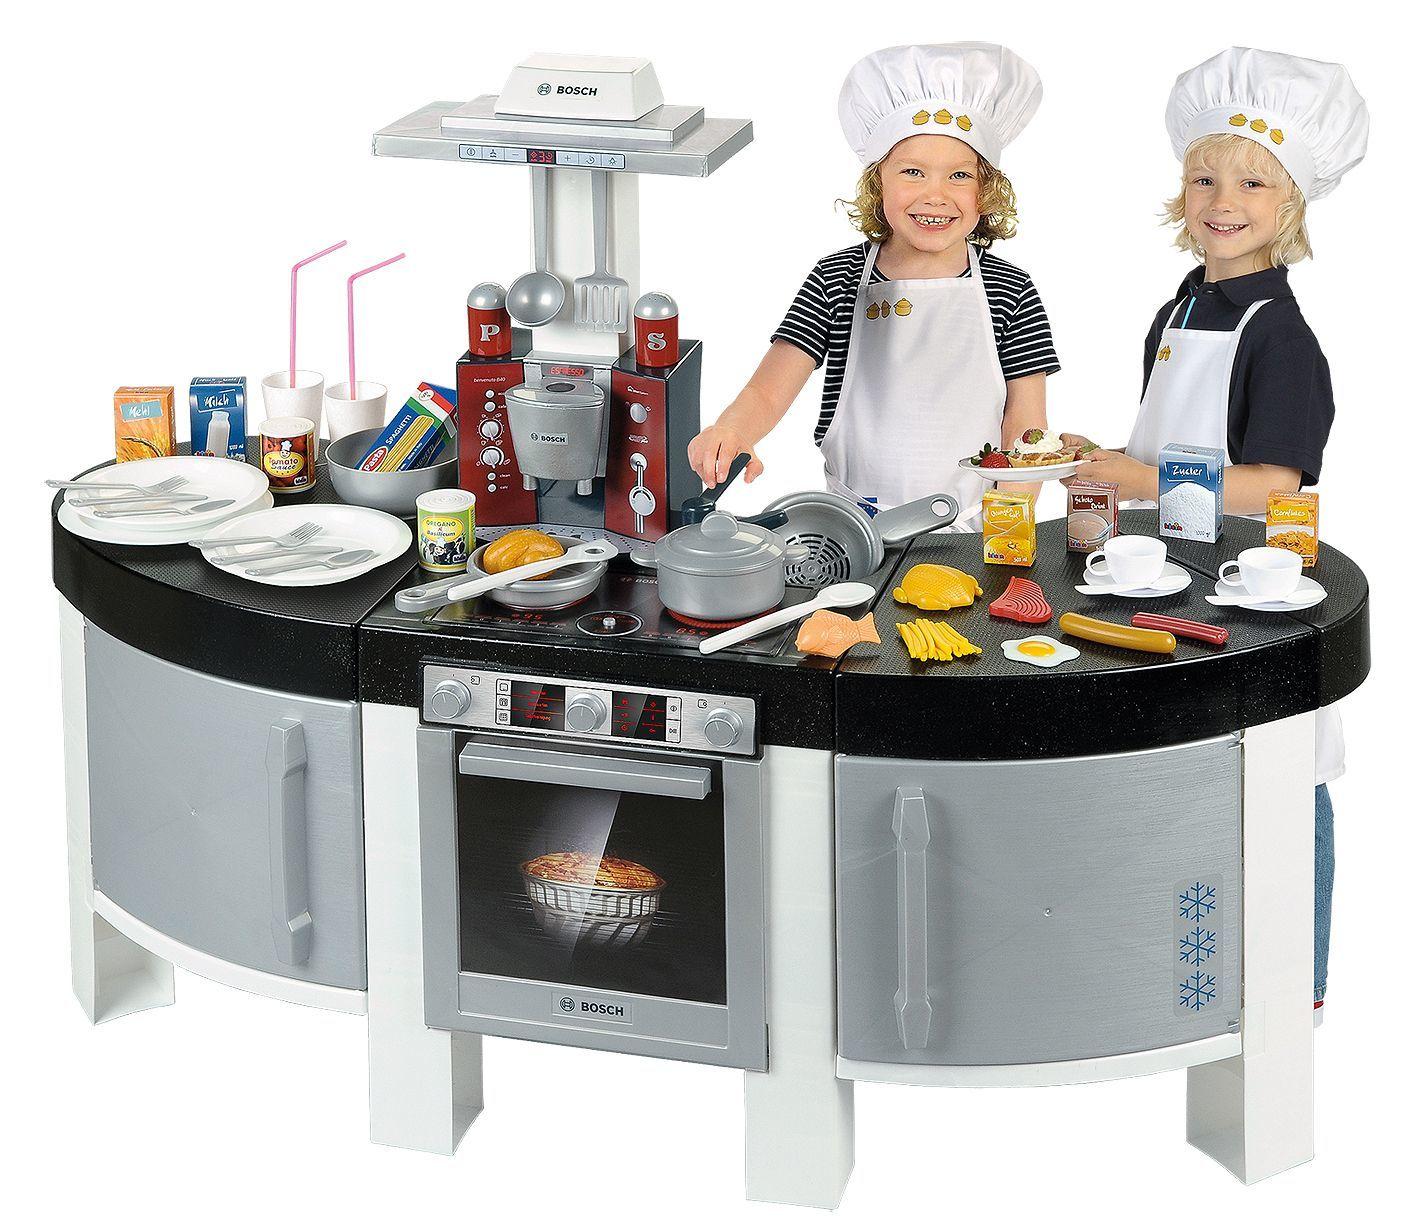 klein bosch cuisine 39 39 vision 39 39 avec machine expresso 9291 pas cher achat vente. Black Bedroom Furniture Sets. Home Design Ideas